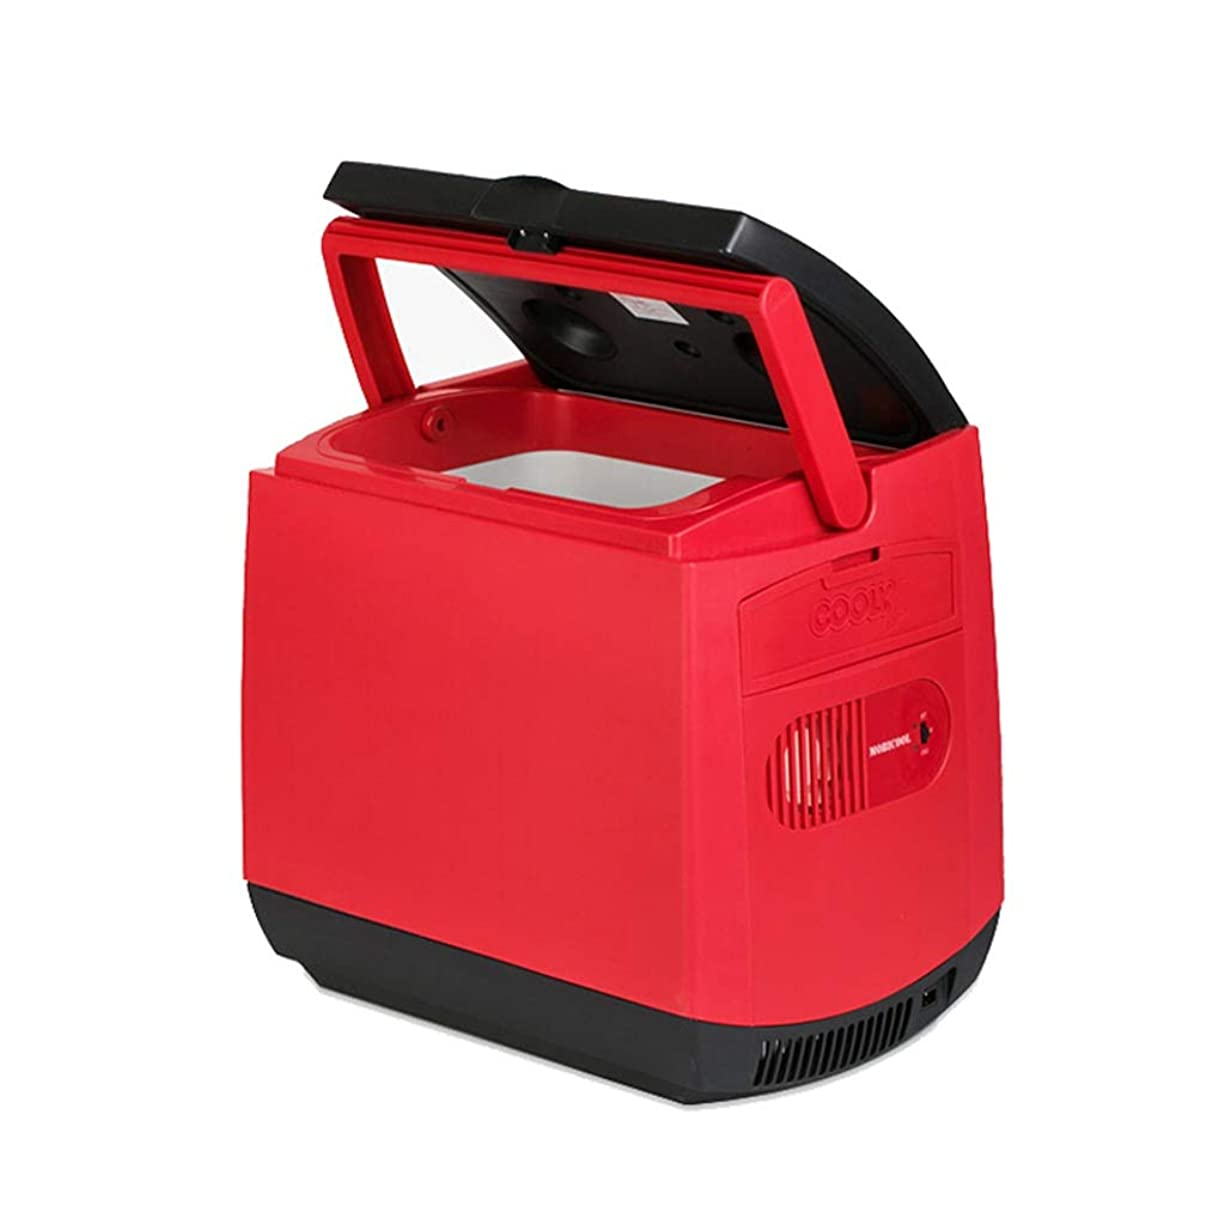 守る社会科つば車の冷蔵庫 - 25L車の家2人のユーザーが暖房の外で暖房しています12V / 220Vポータブル小型冷蔵庫(プラス8アイスバッグ)